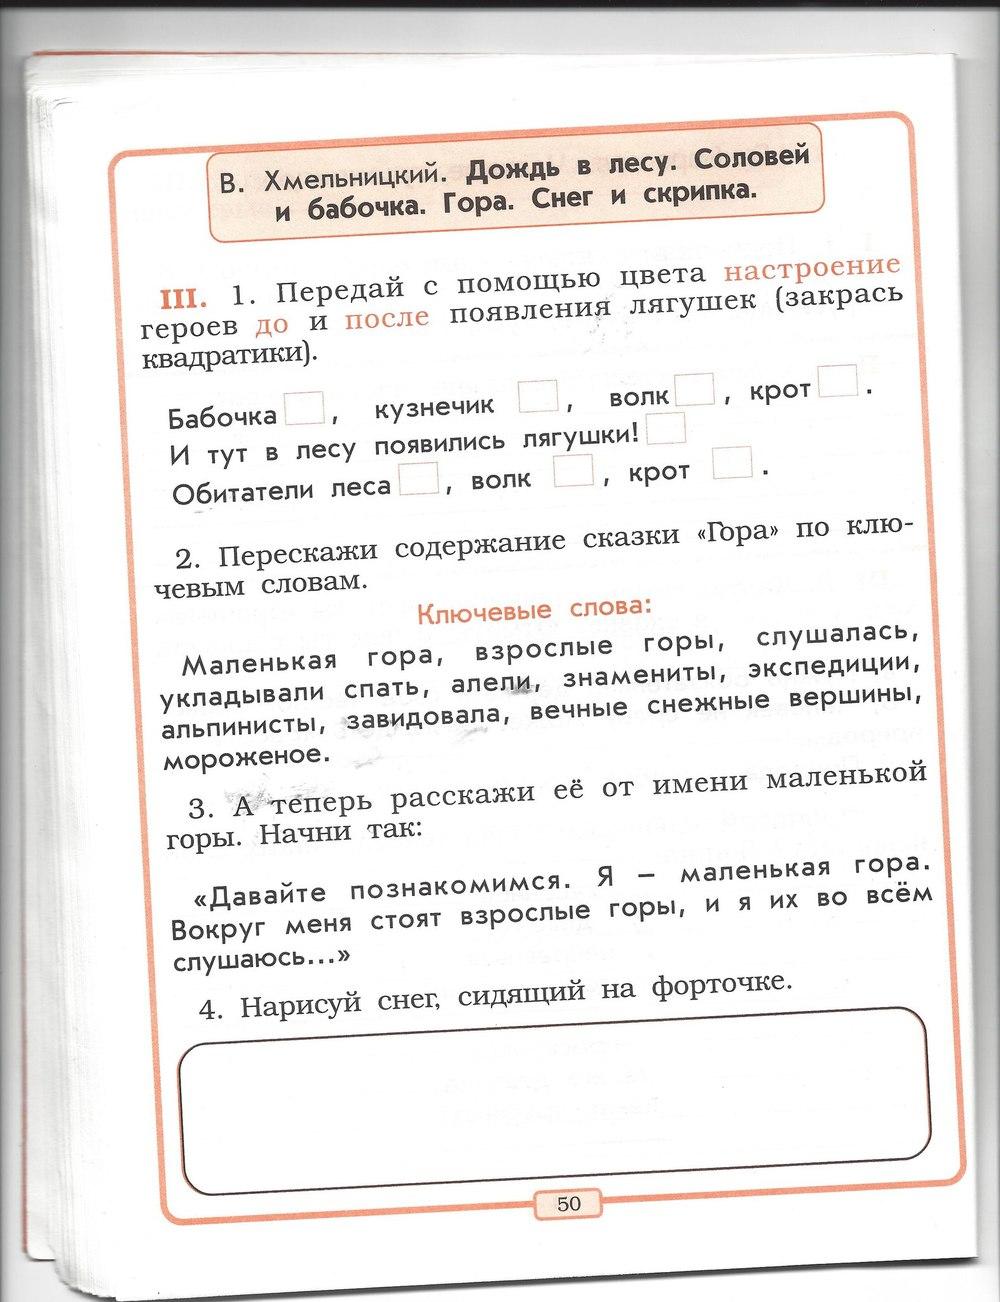 литературная чтение класс рабочая решебник 2 тетрадь